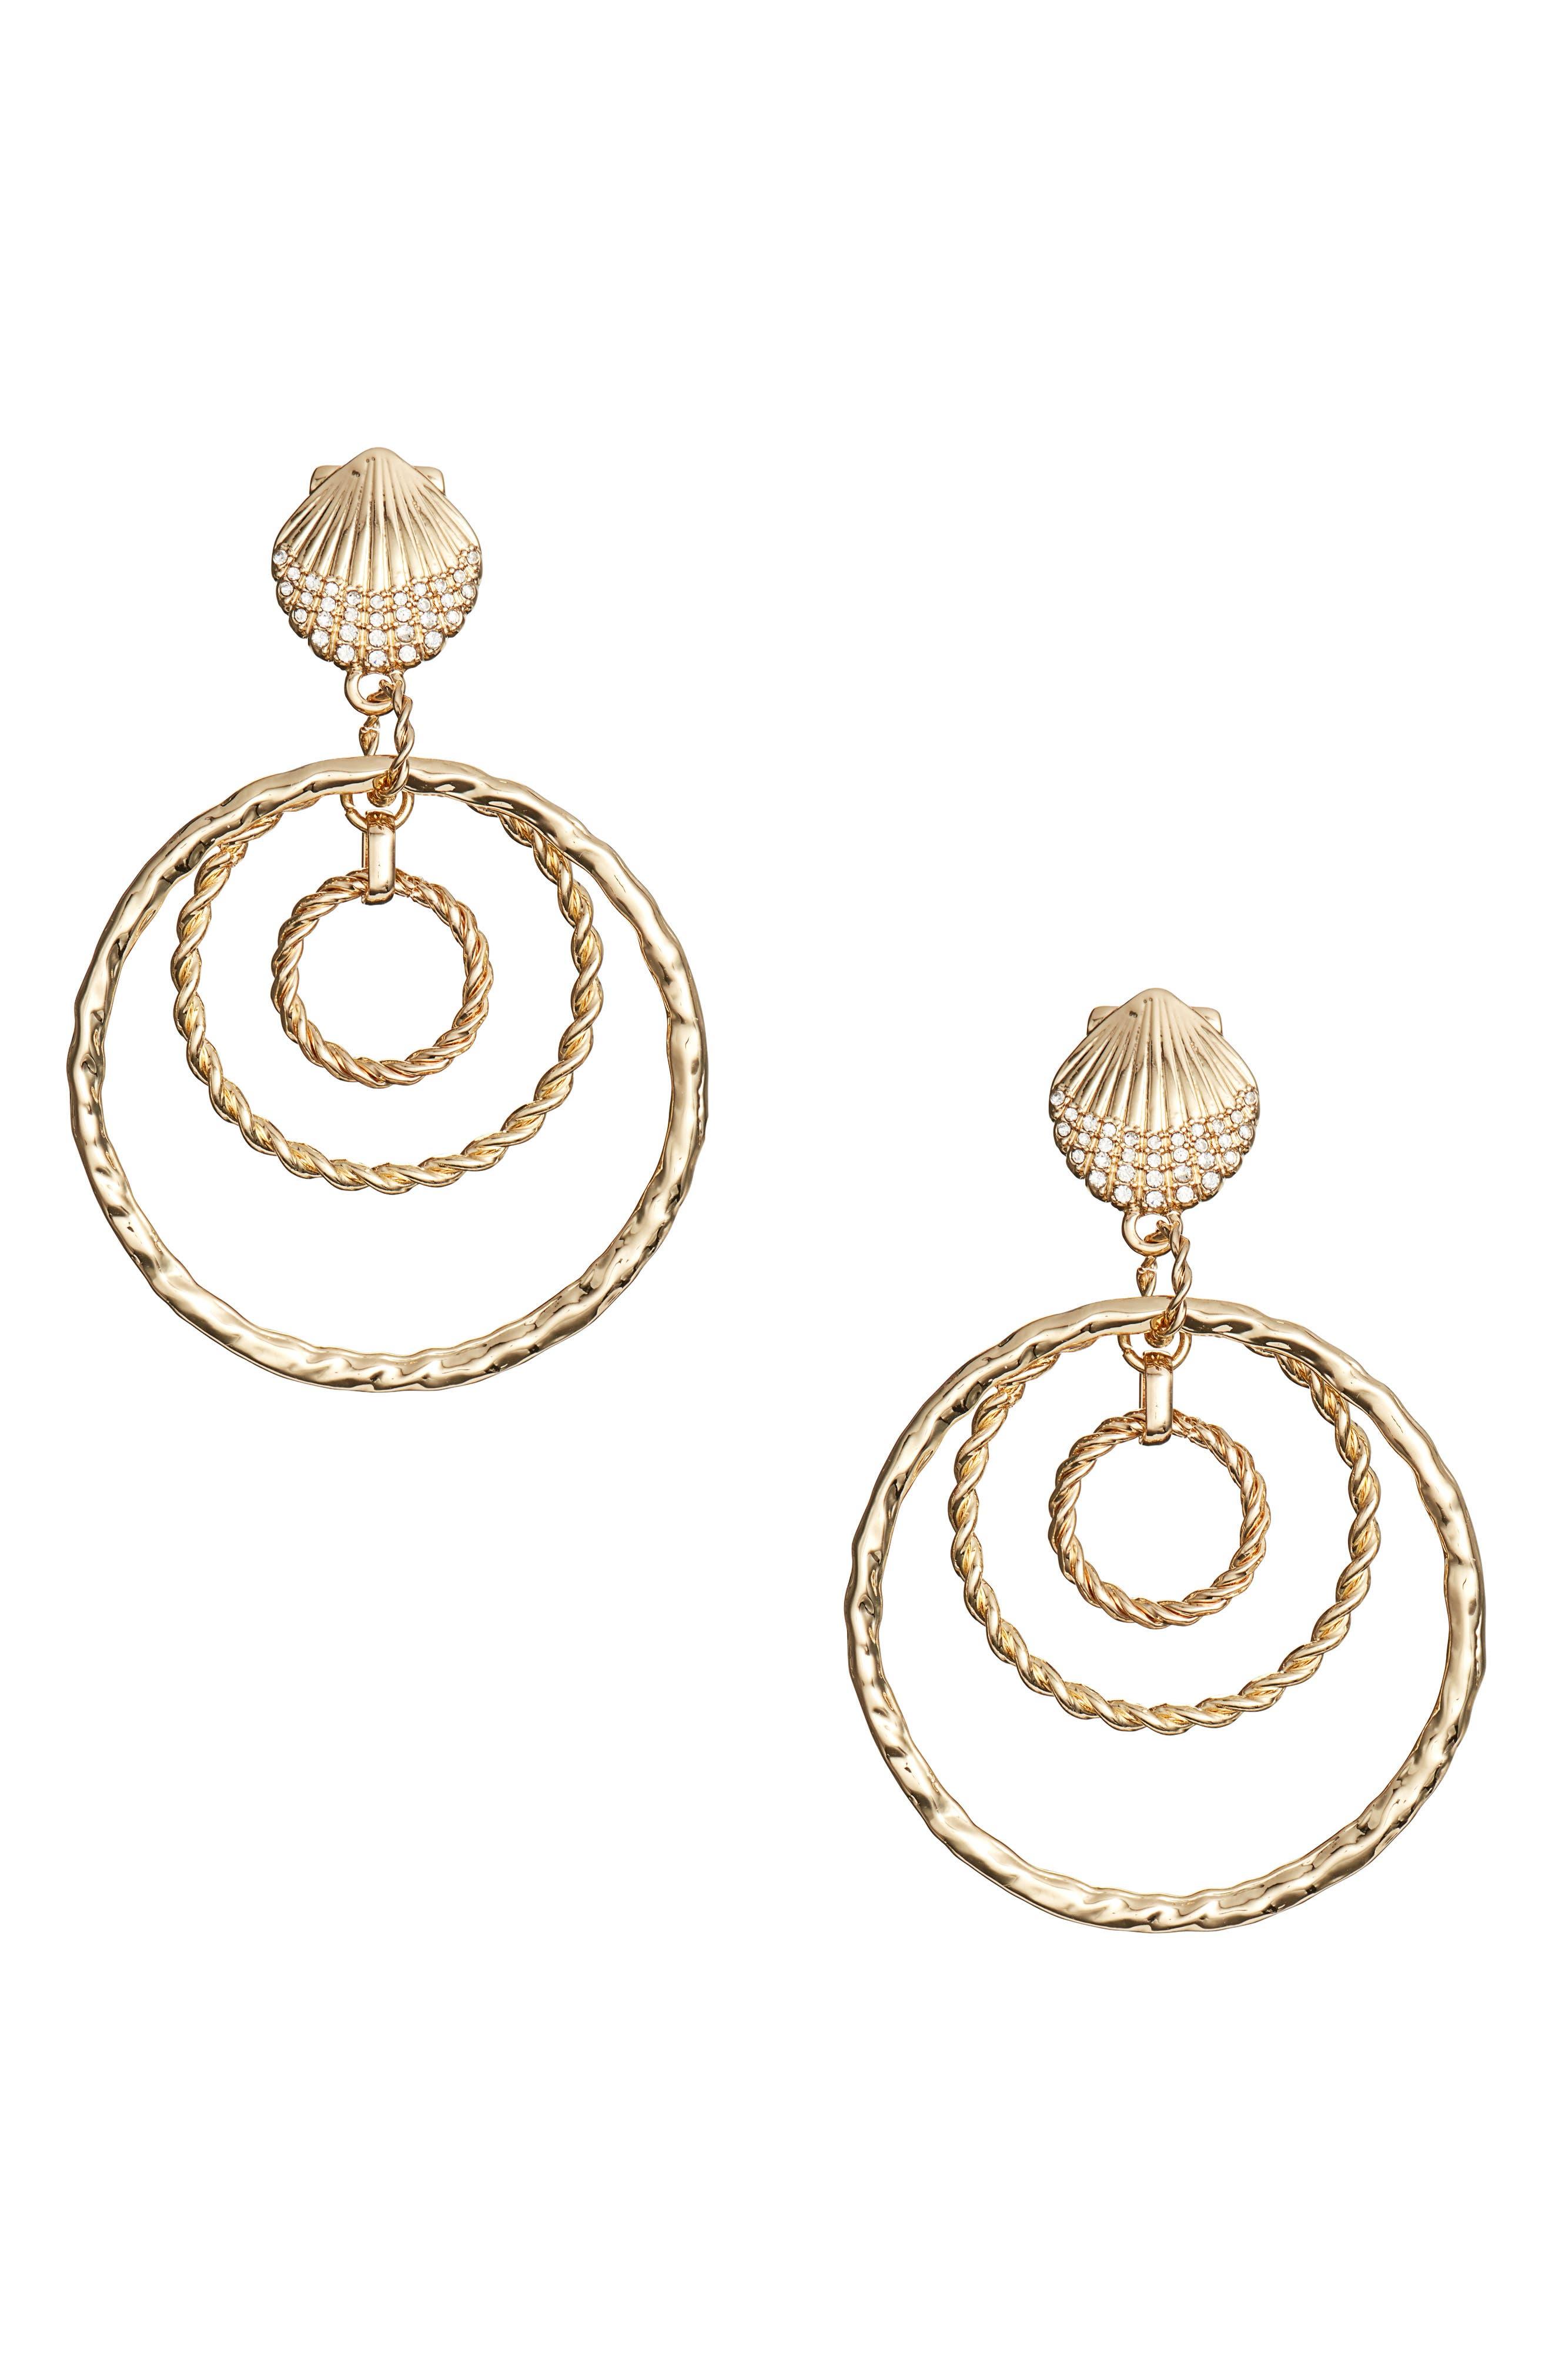 Celestial Seas Hoop Earrings,                             Main thumbnail 1, color,                             GOLD METALLIC